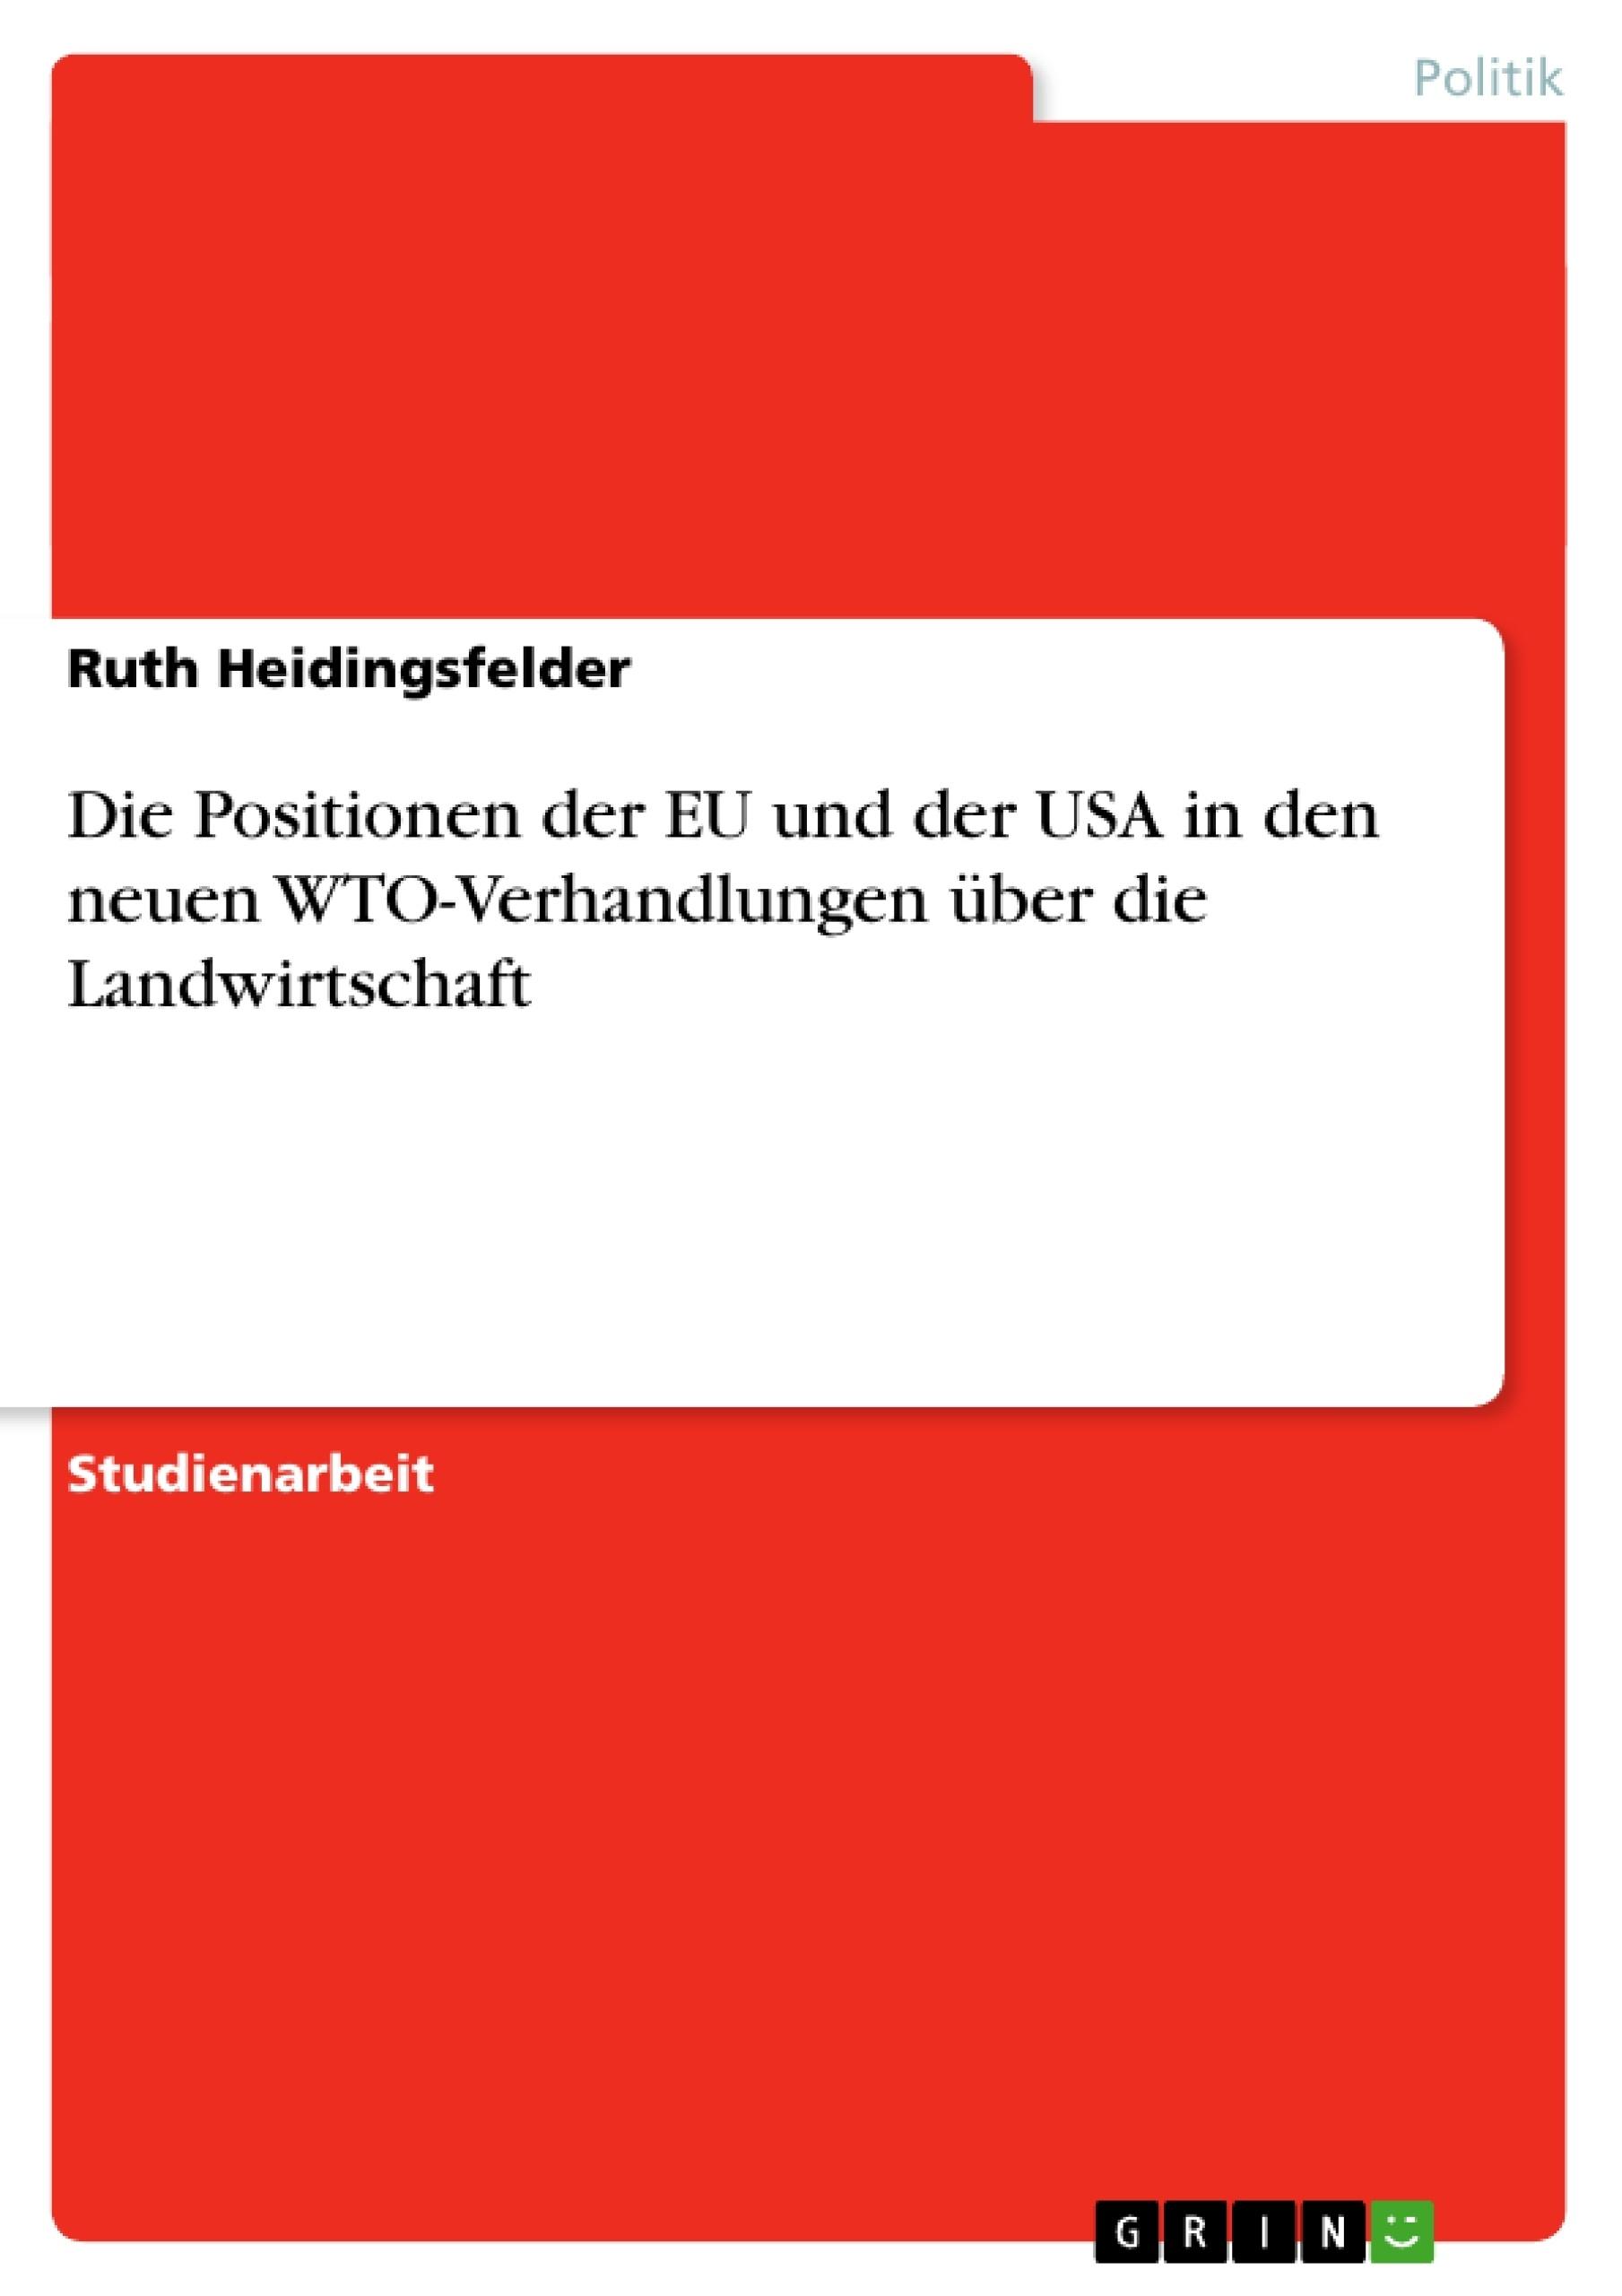 Titel: Die Positionen der EU und der USA in den neuen WTO-Verhandlungen über die Landwirtschaft